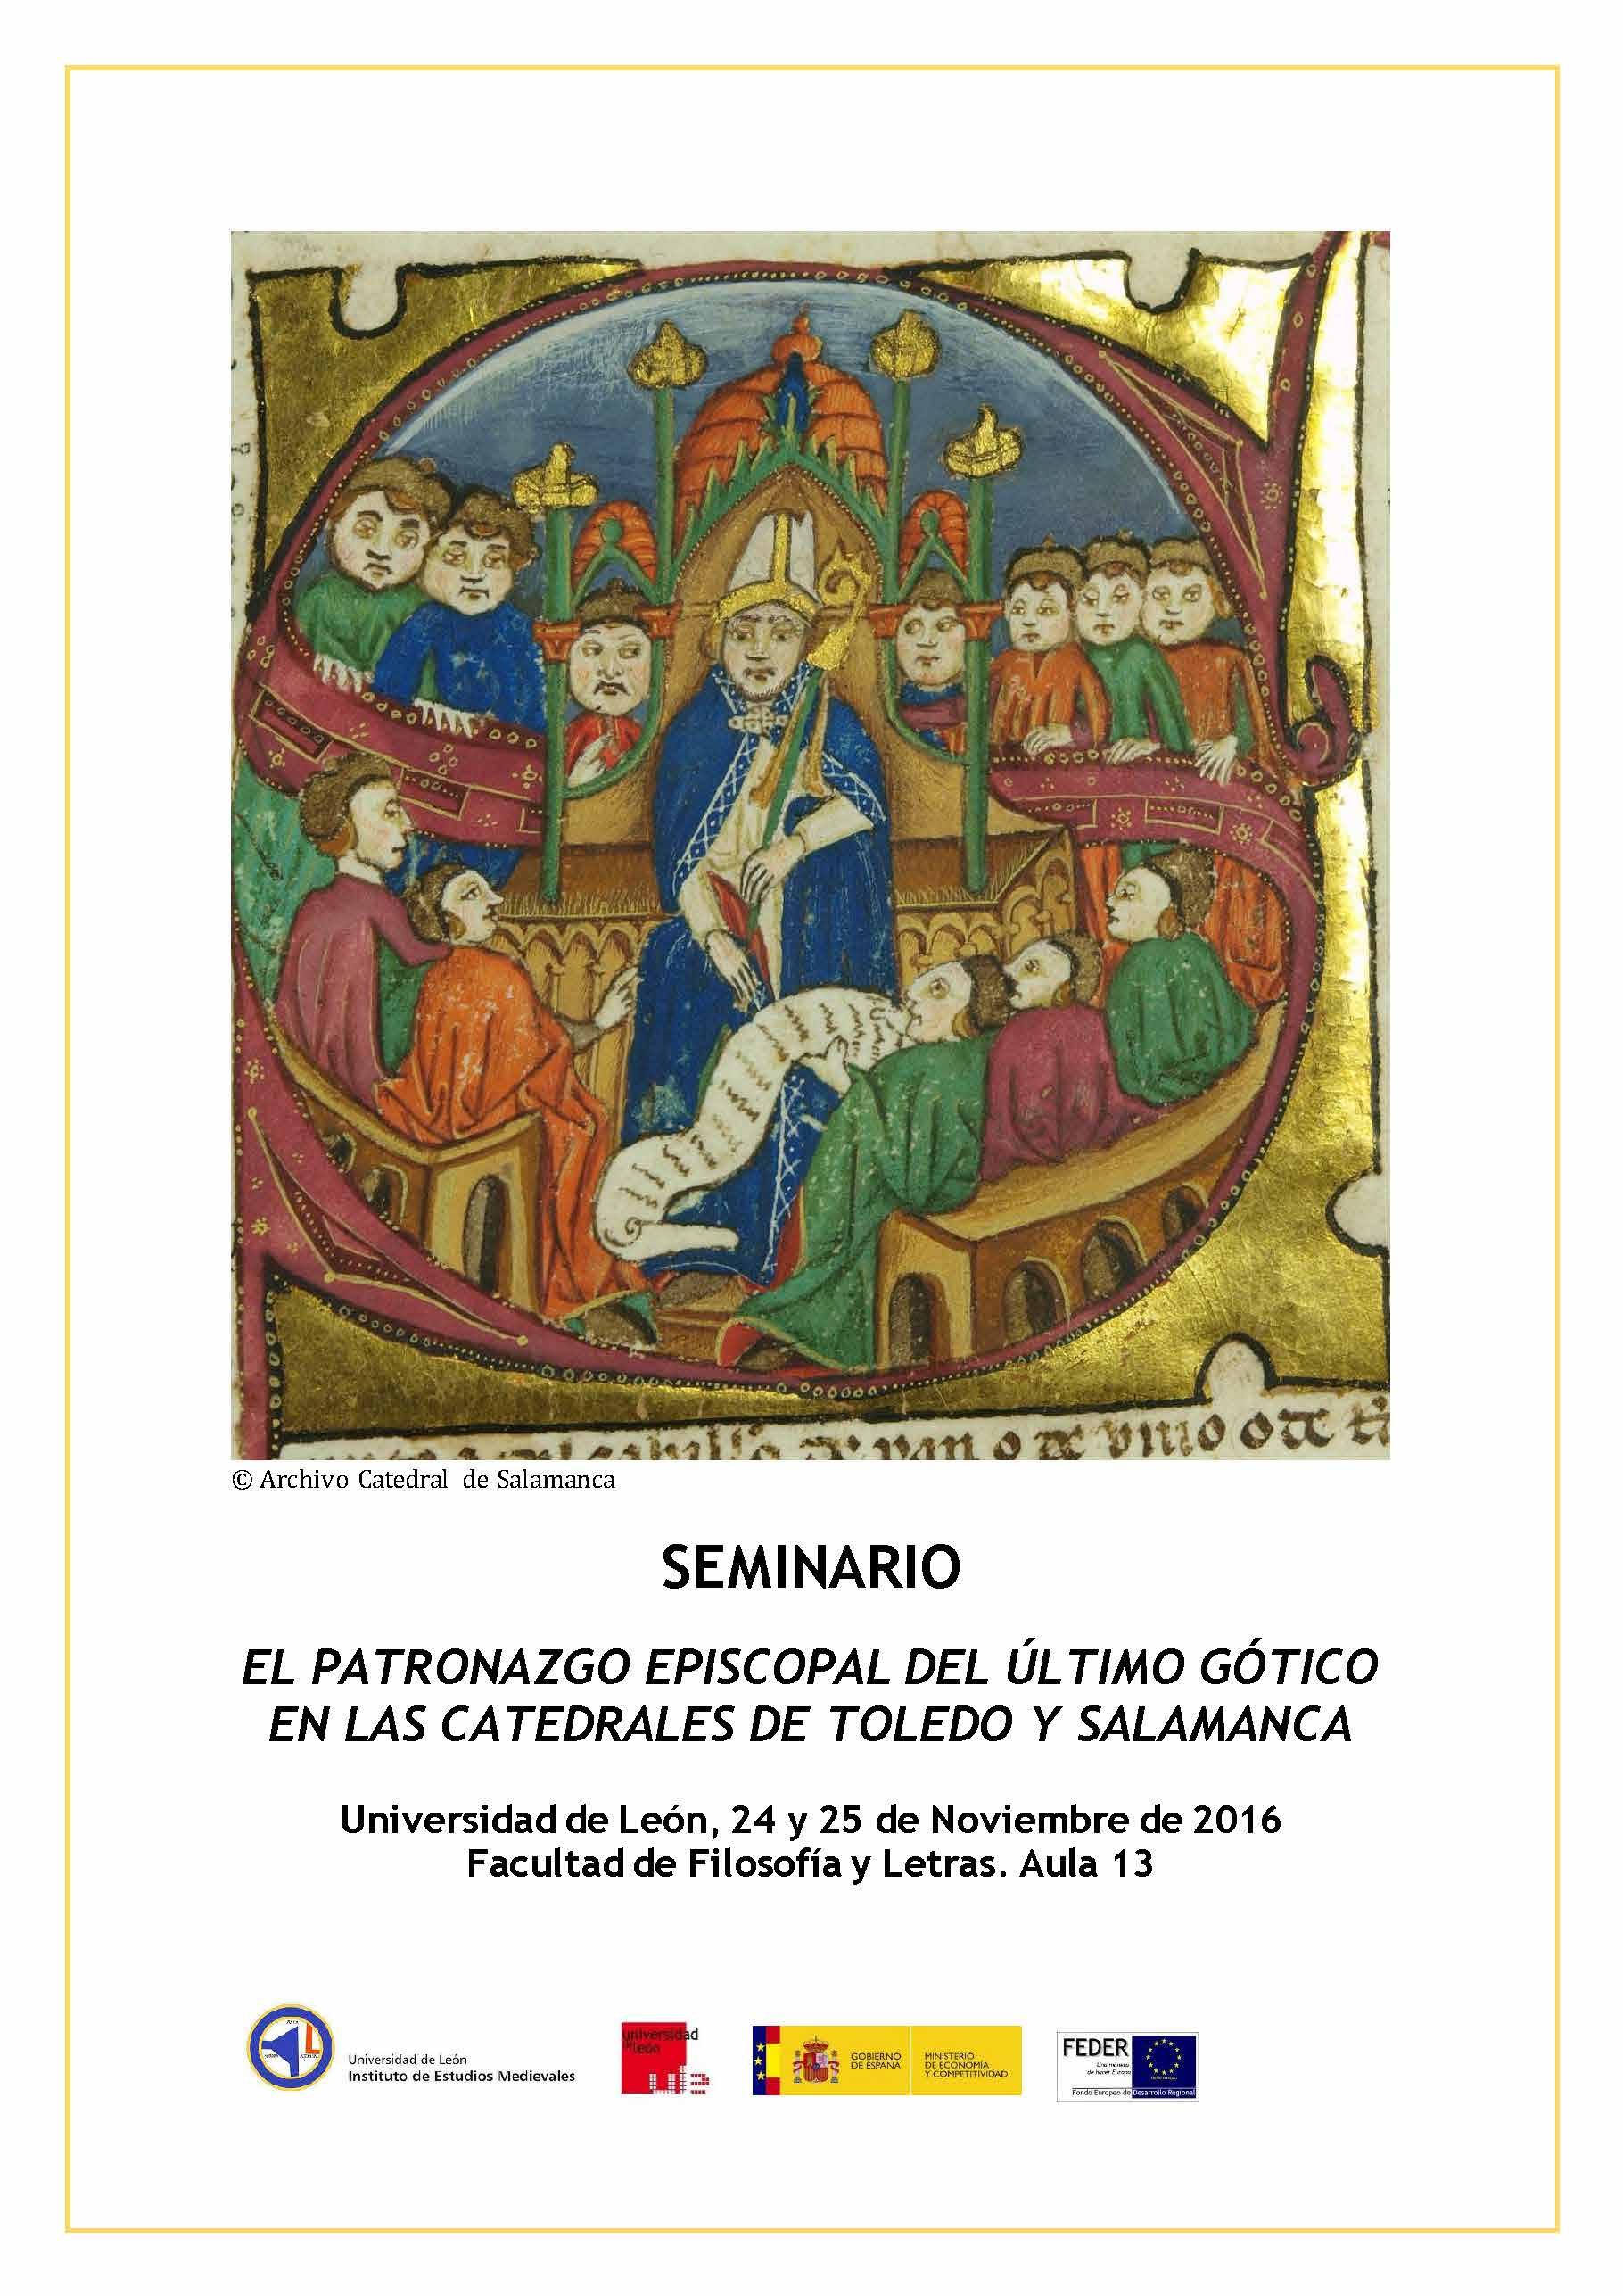 cartel-seminario-arte-2016